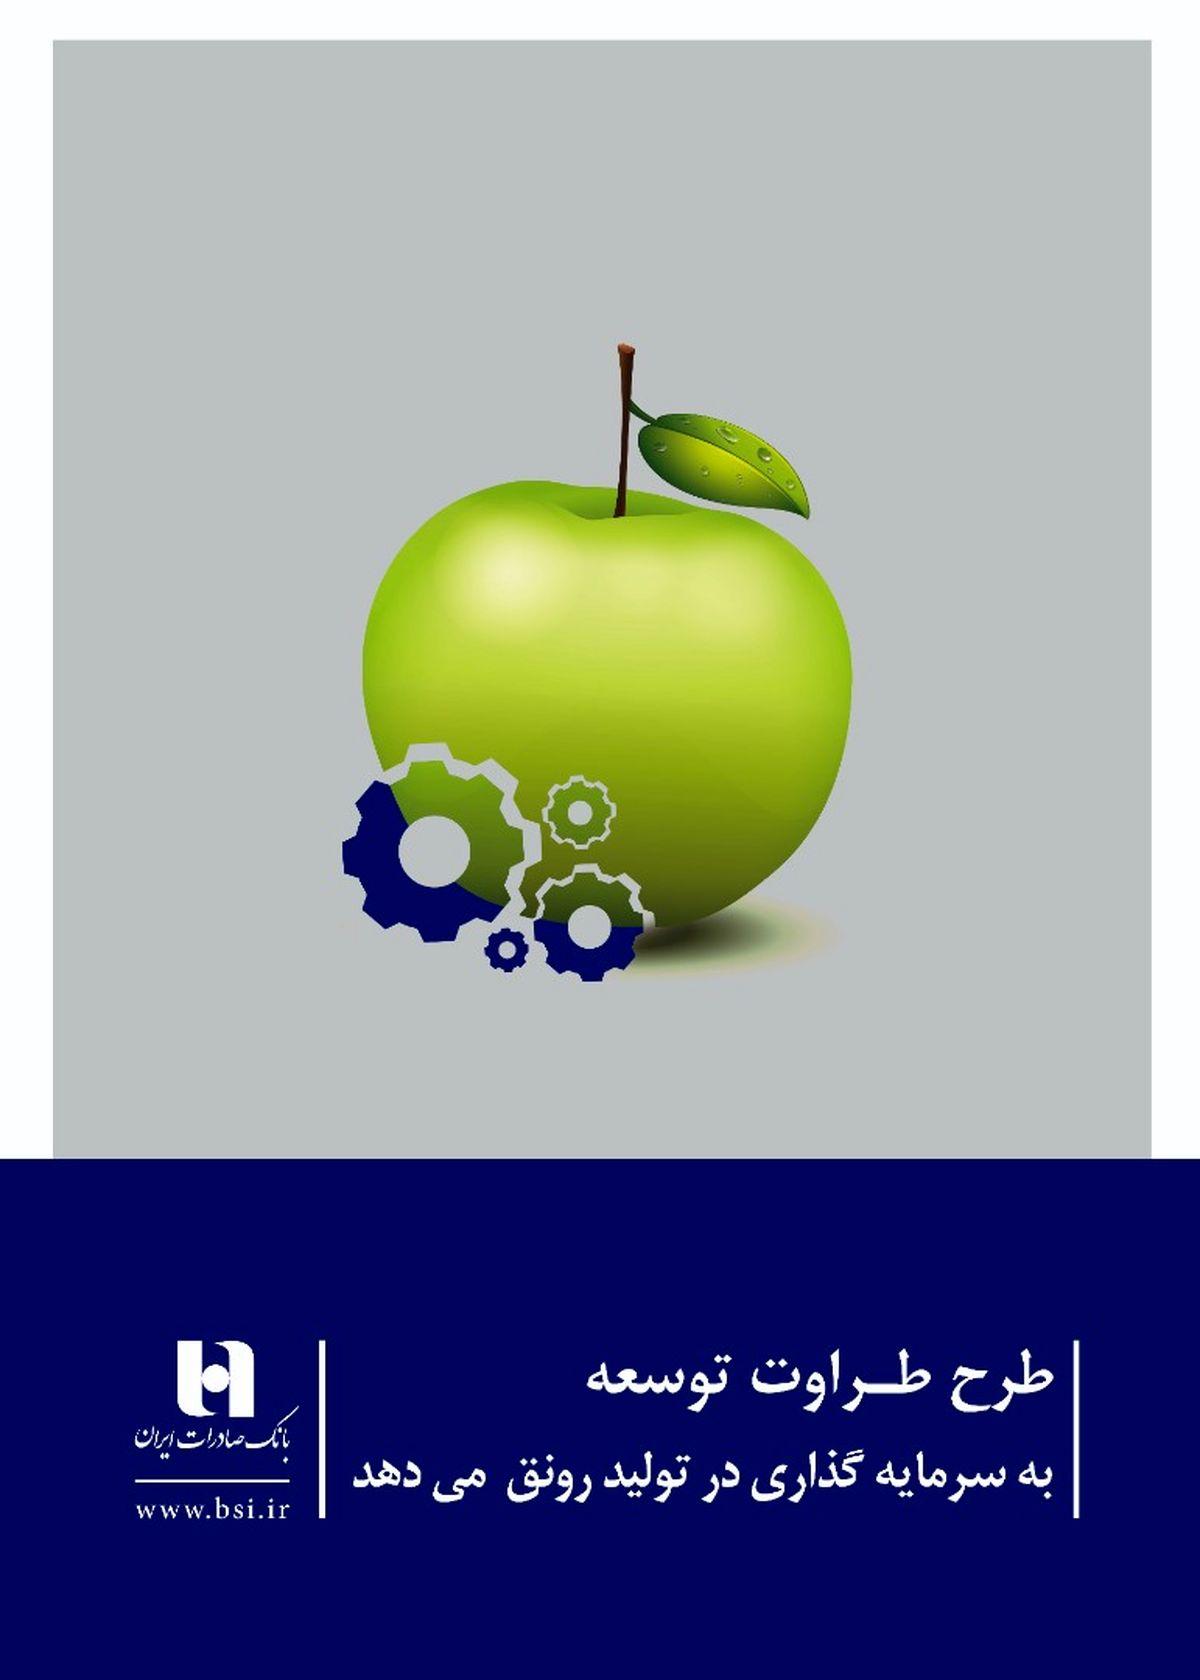 بانک صادرات ایران به تولید و خدمات «طراوت» میبخشد